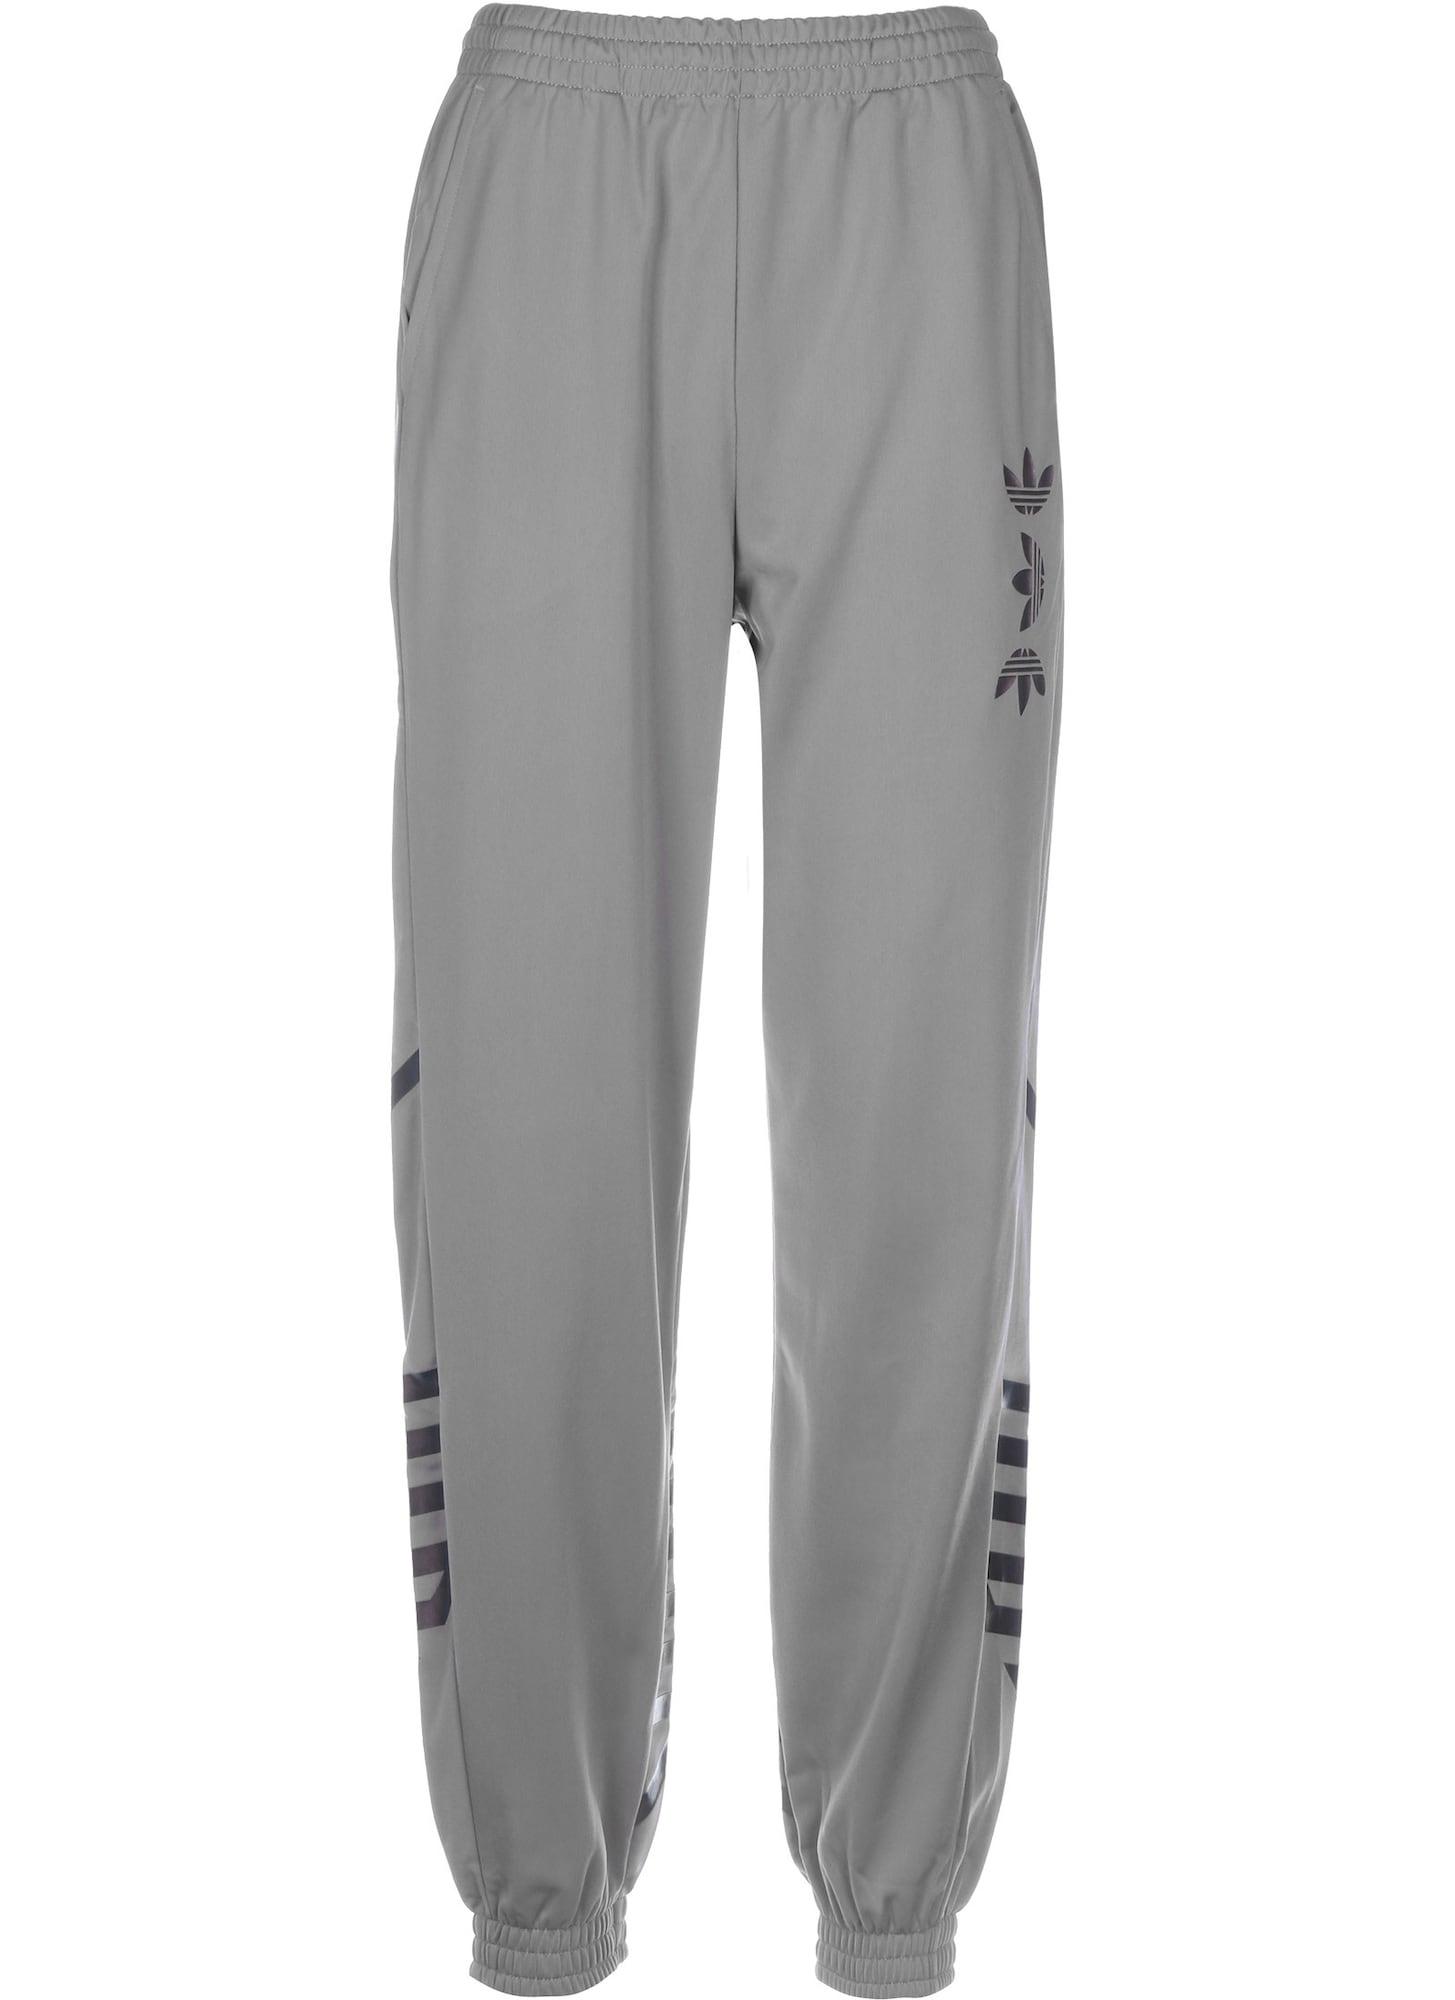 ADIDAS ORIGINALS Nohavice  čierna / sivá melírovaná